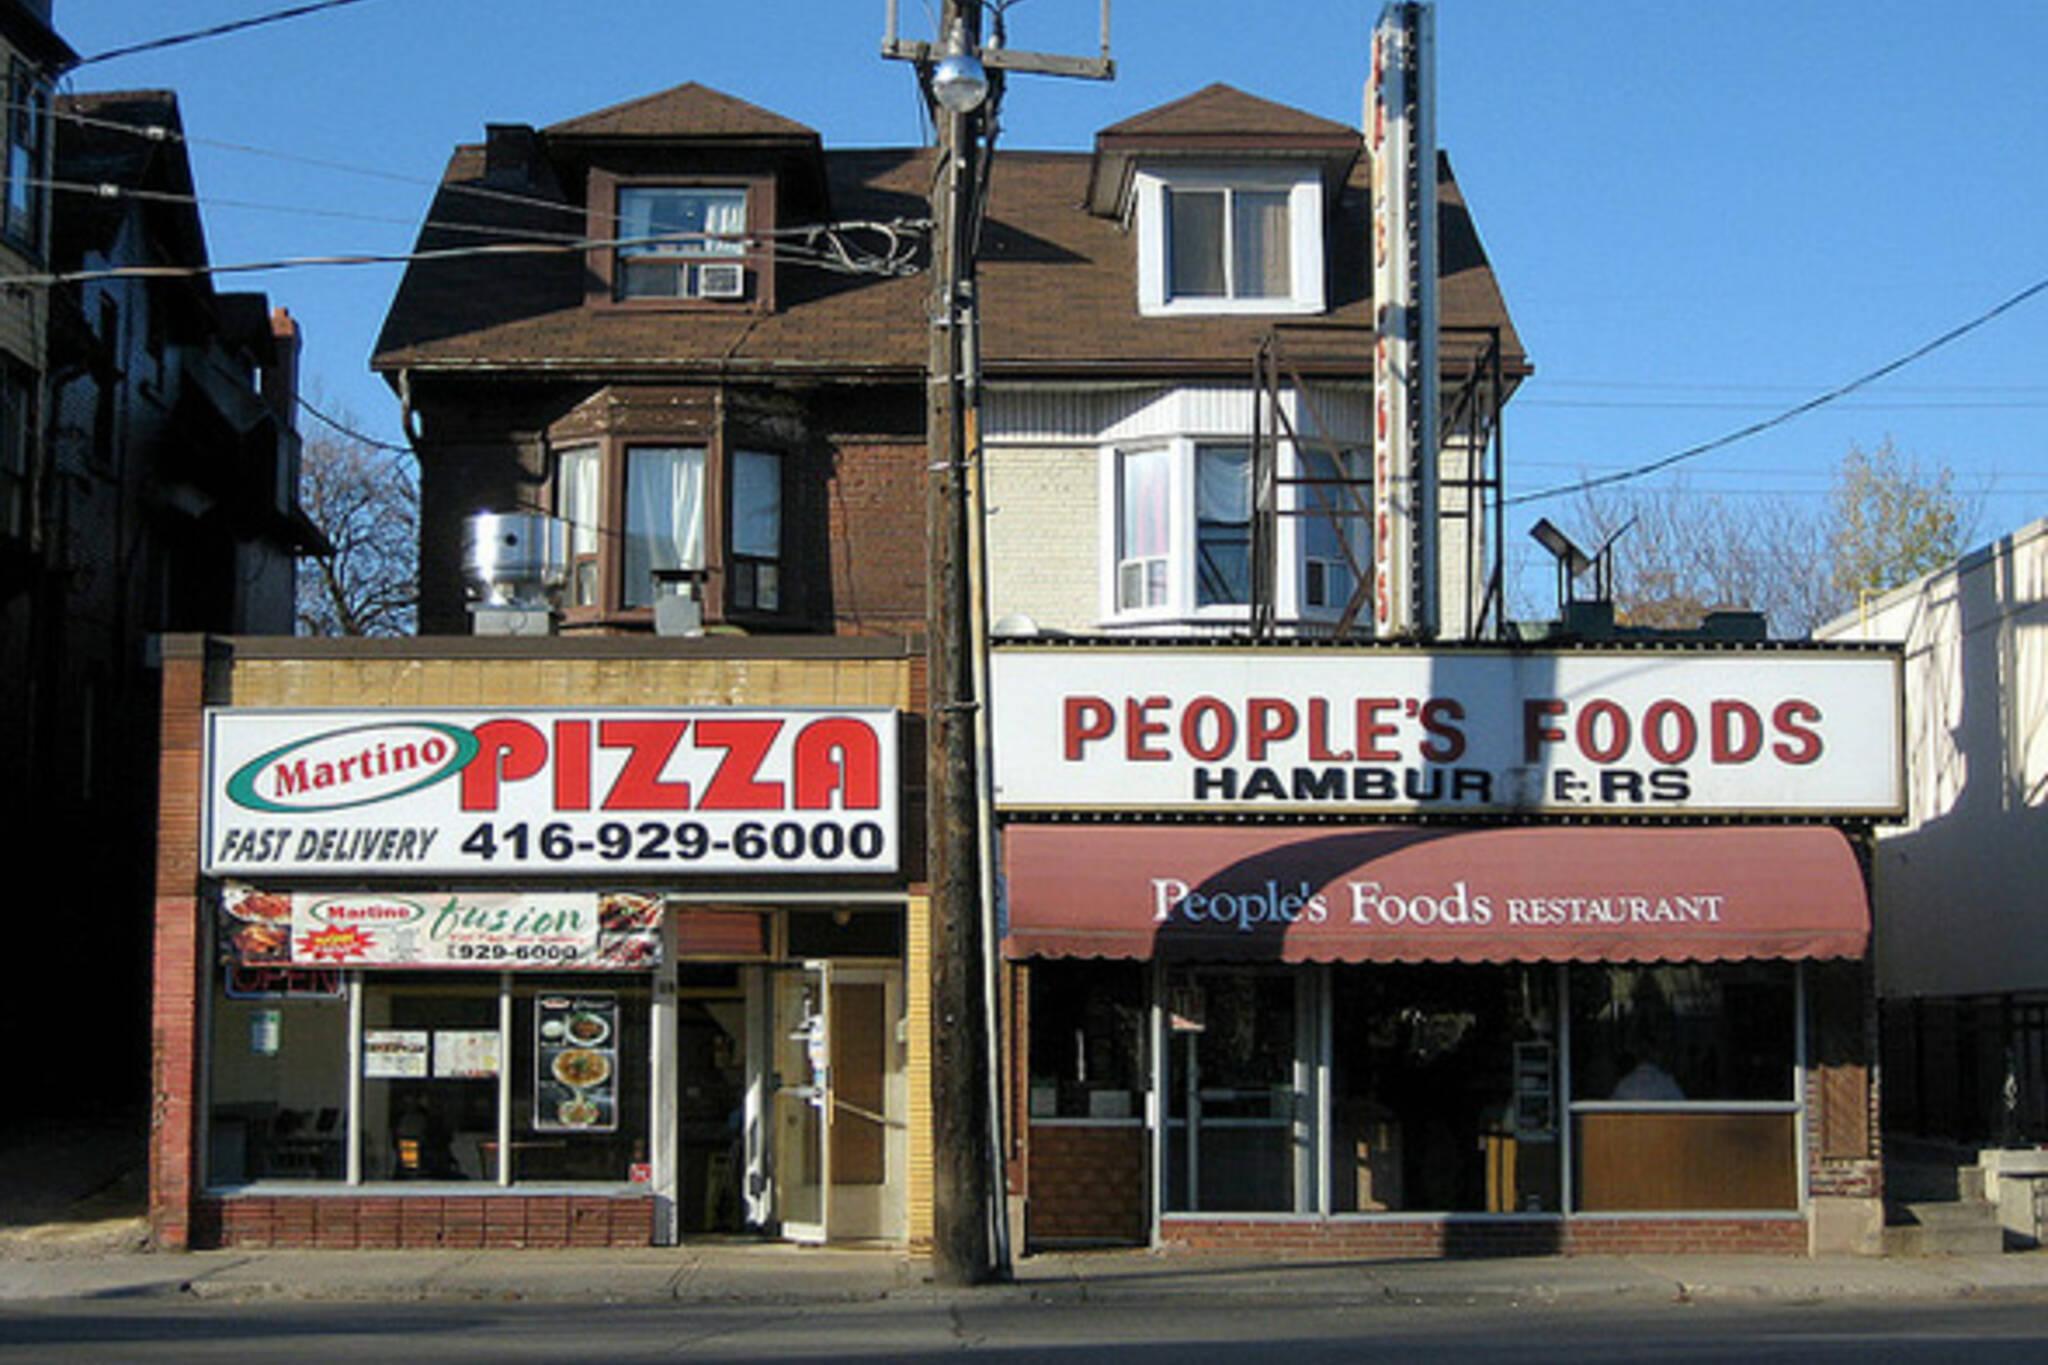 People's Foods closued